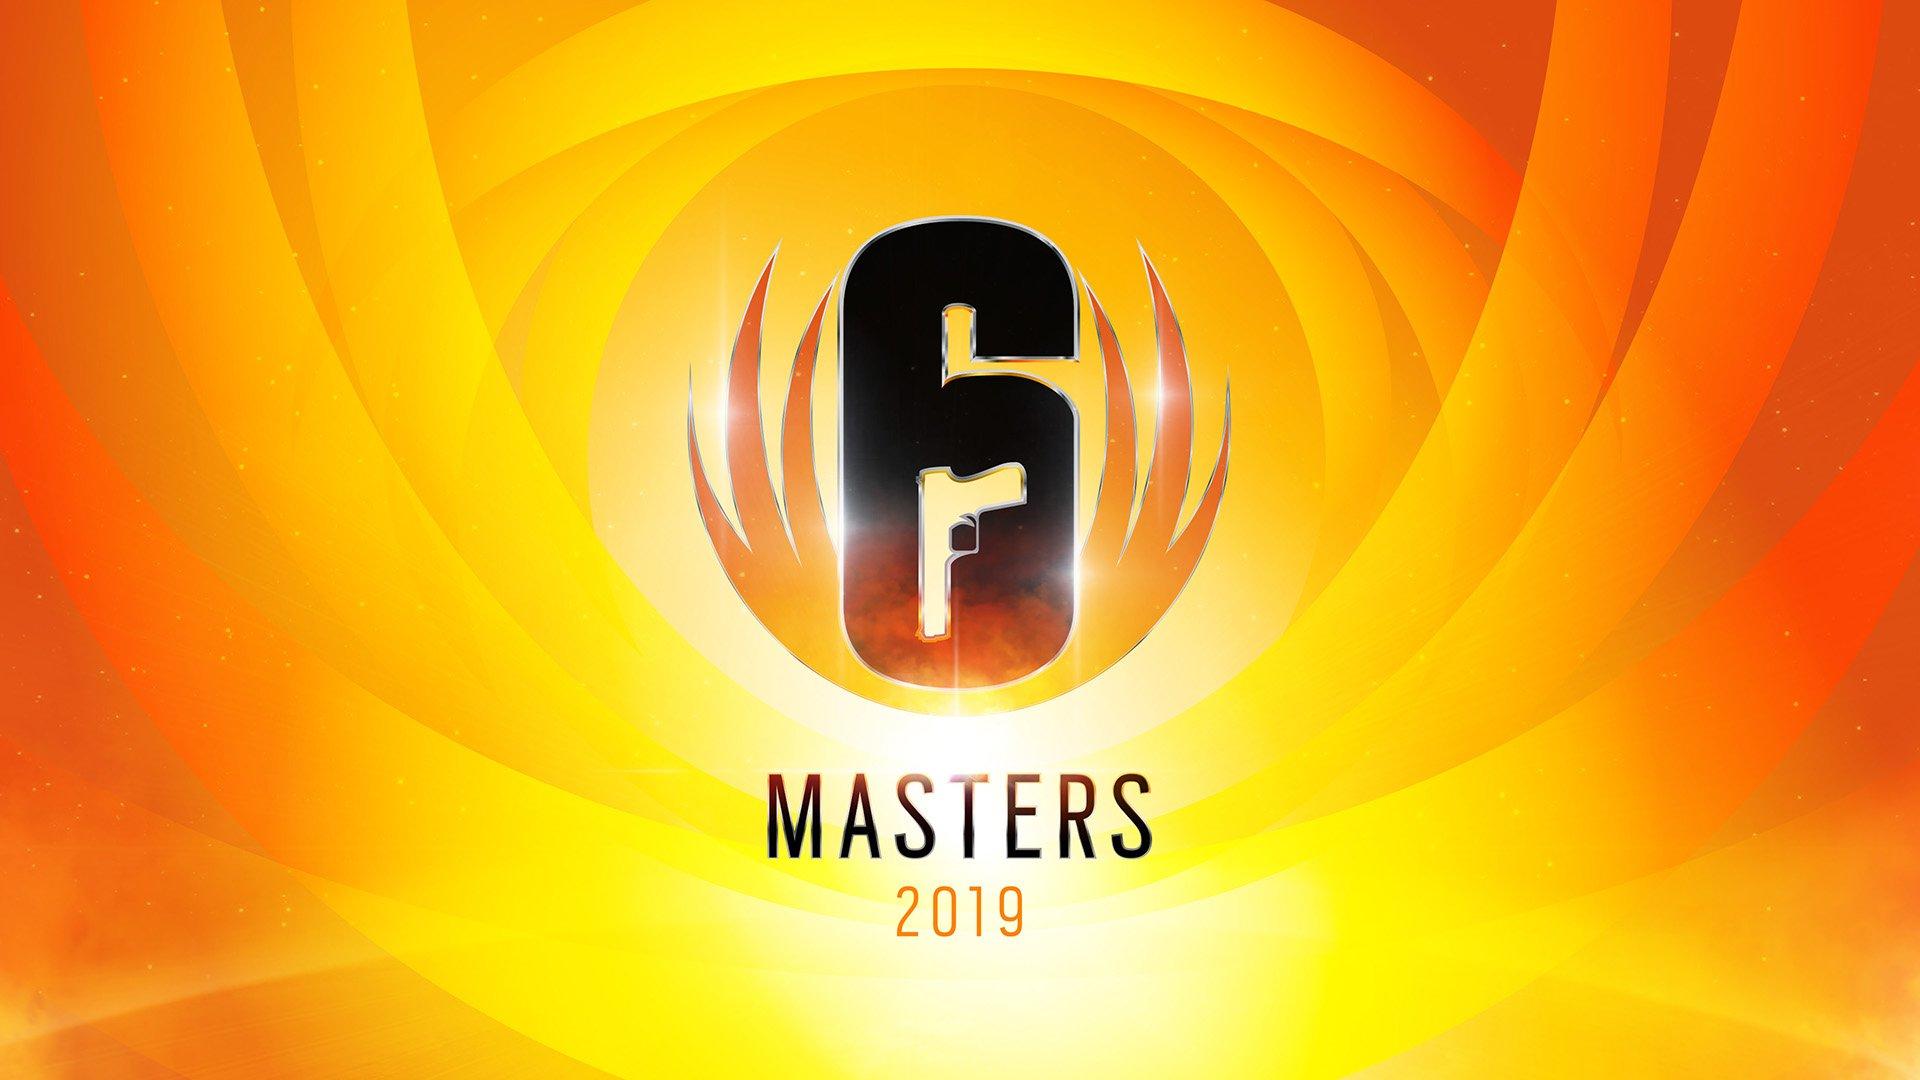 Ubisoft Rainbow Six eSports Masters 2019